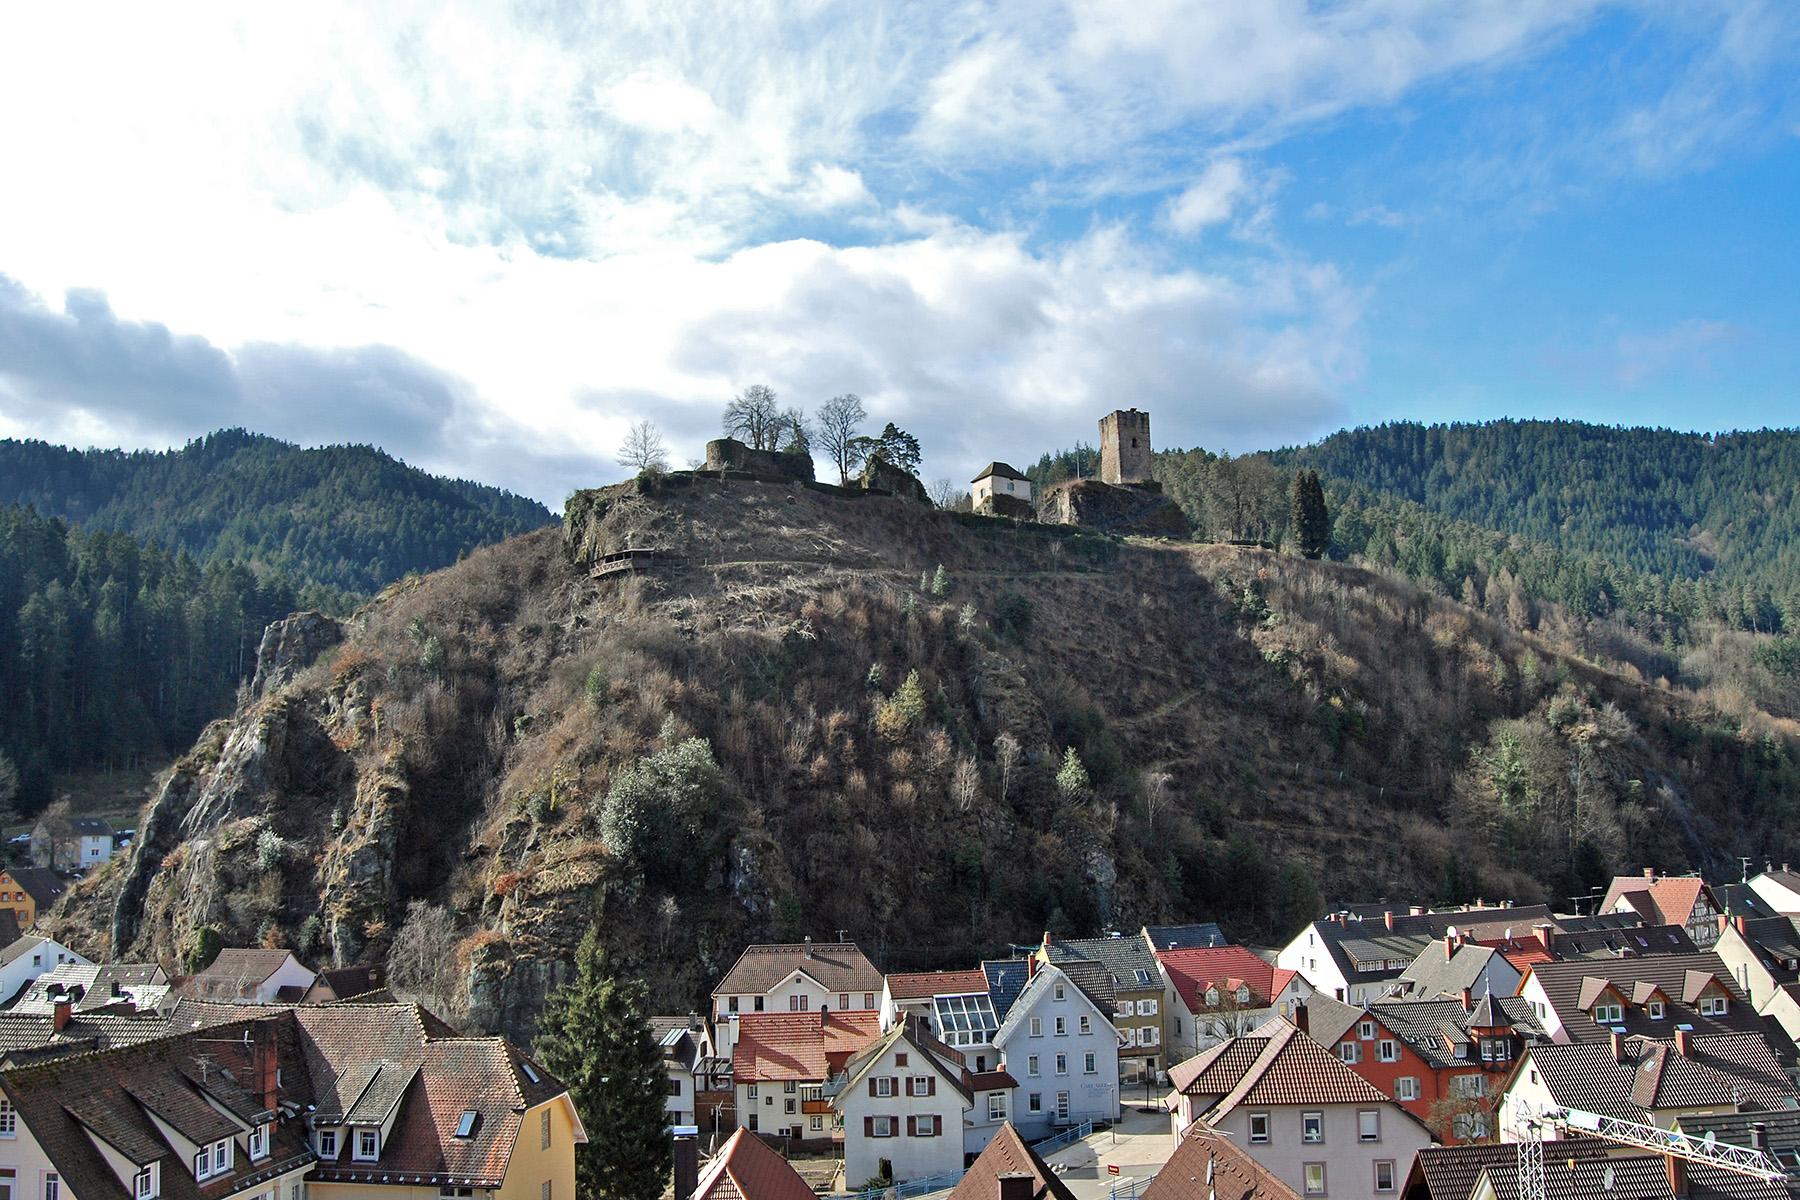 Schloss Hornberg, Germany